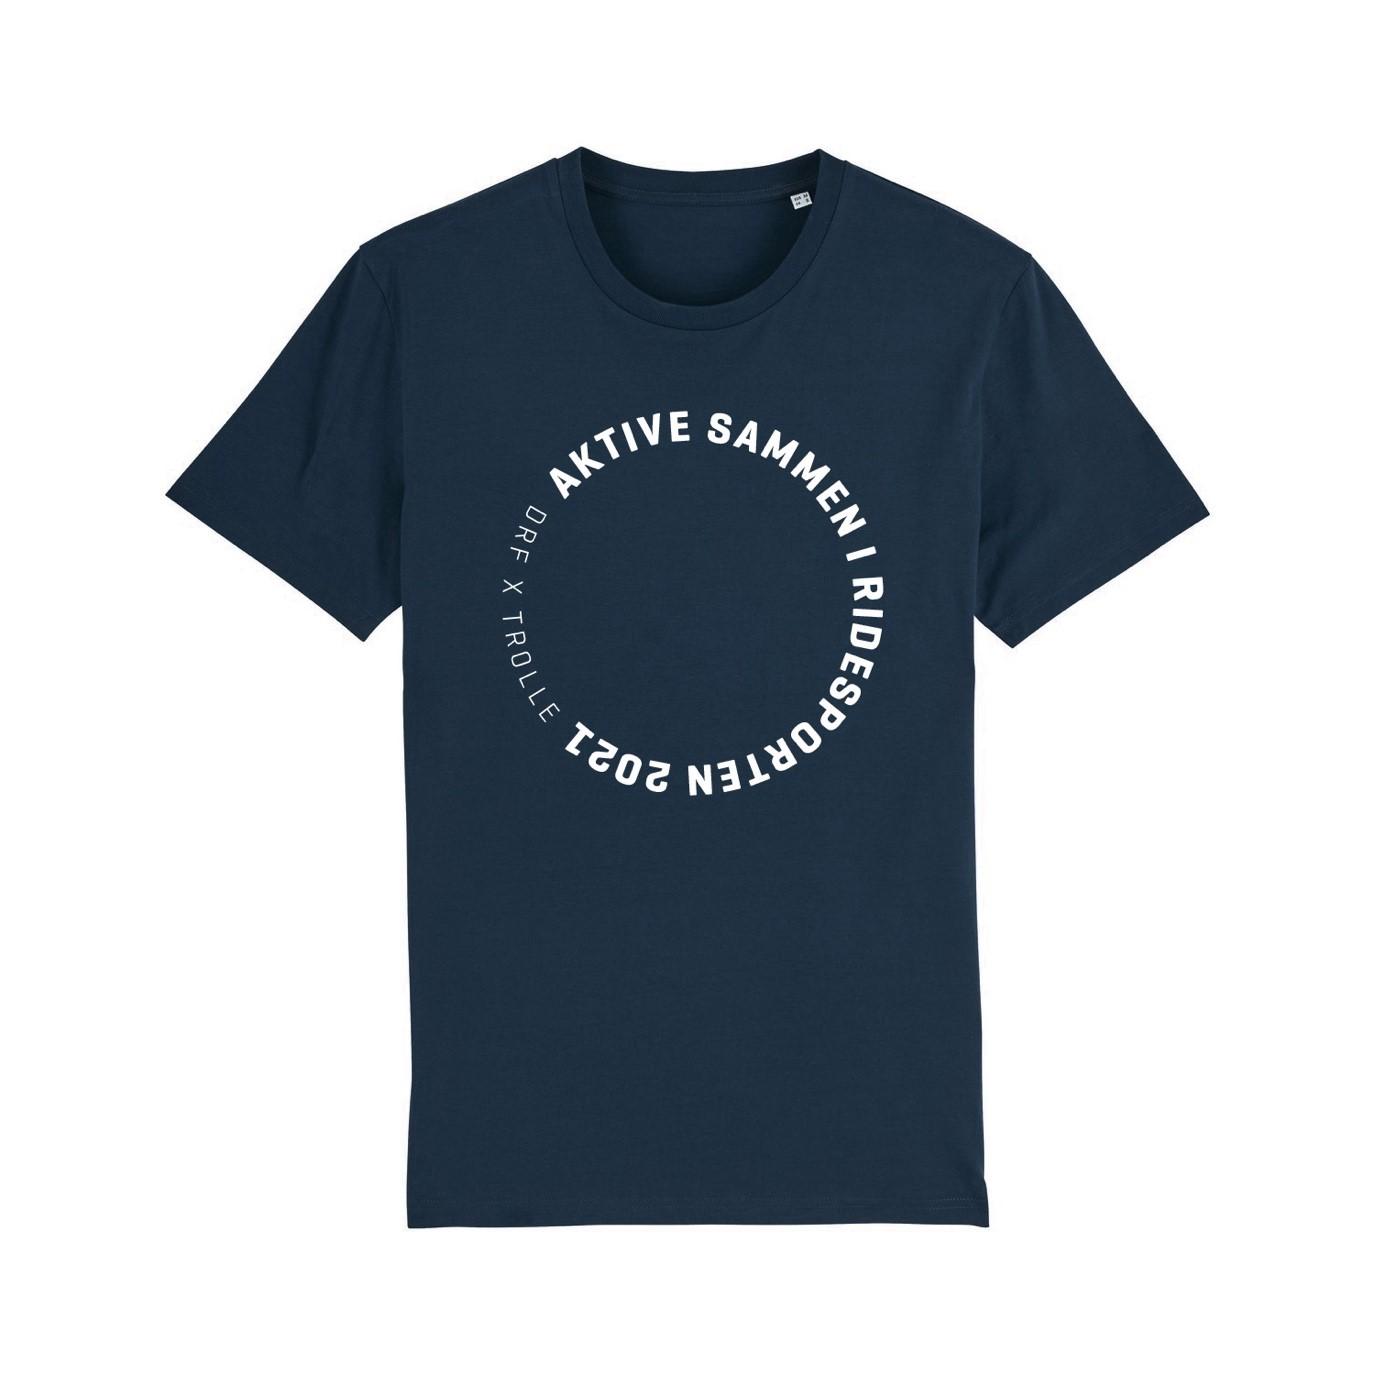 #aktivsammenhverforsig 2021 t-shirt